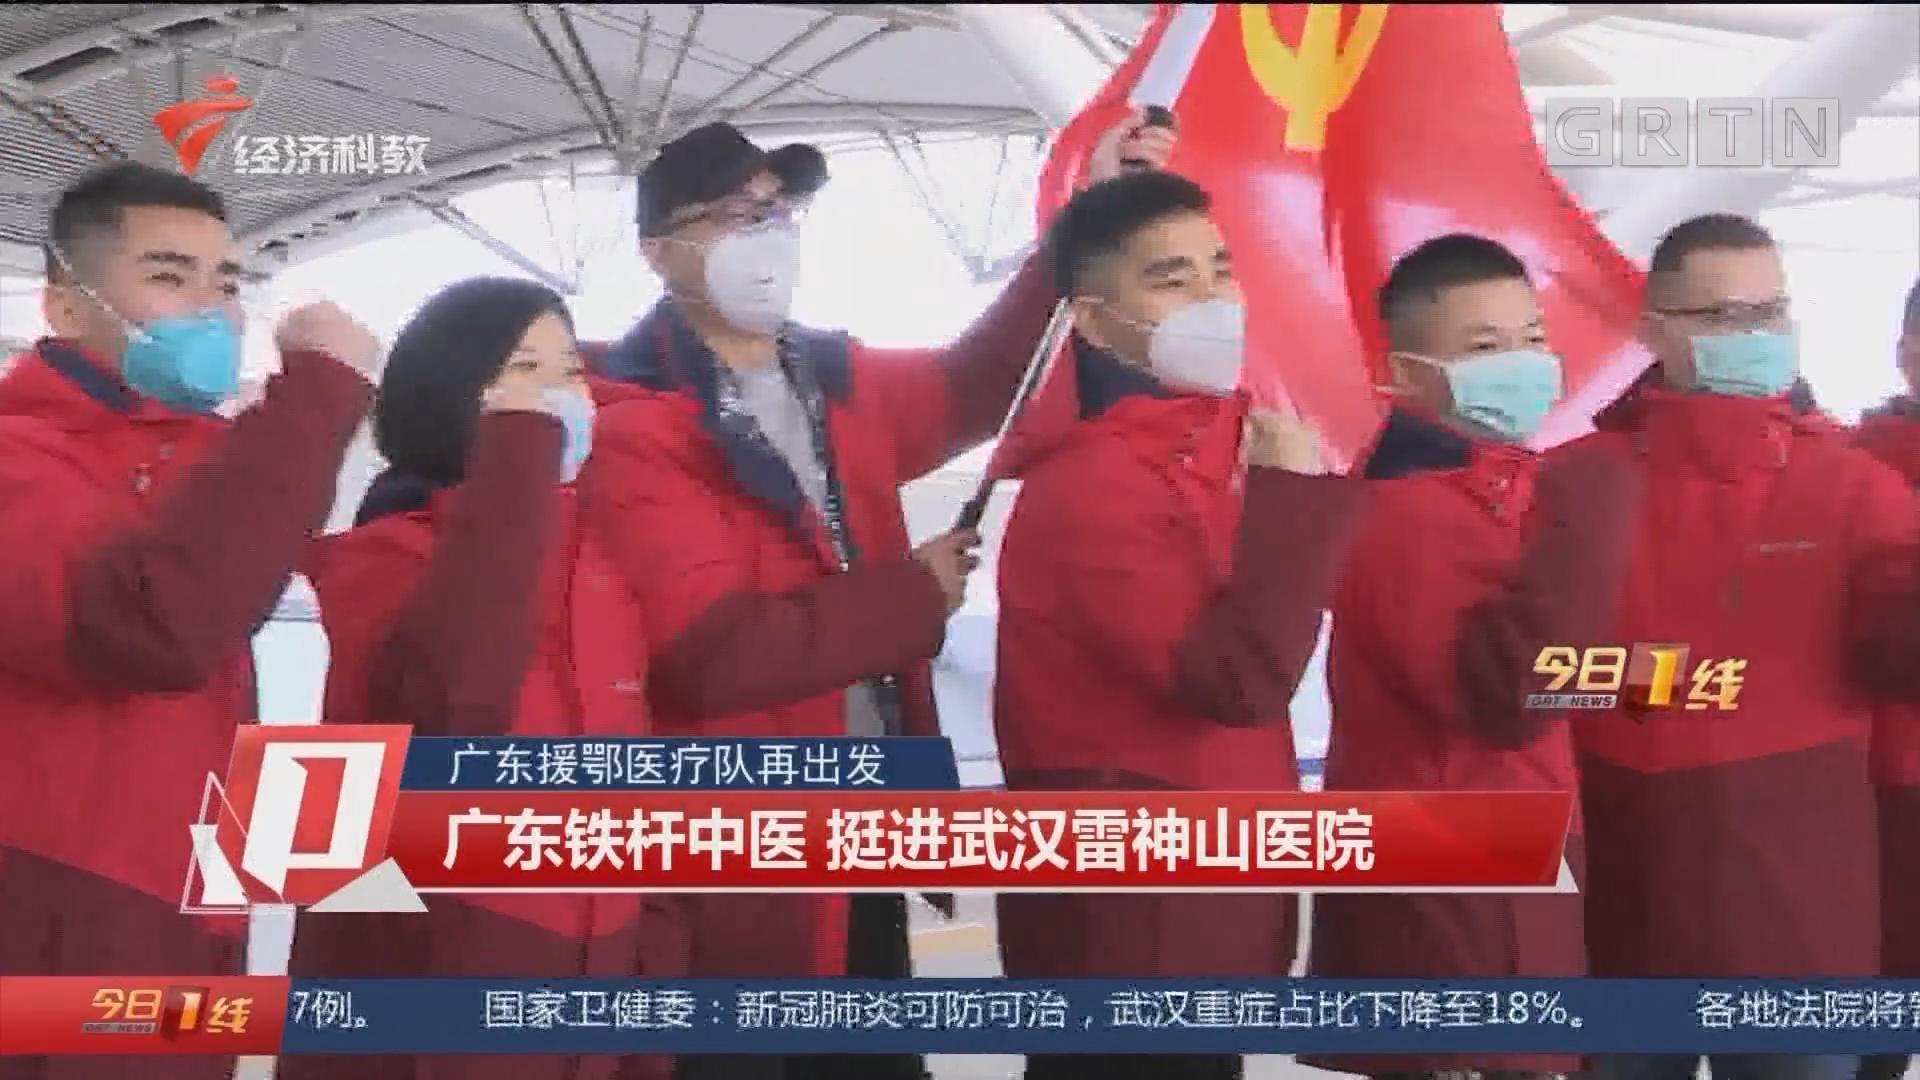 广东援鄂医疗队再出发:广东铁杆中医 挺进武汉雷神山医院